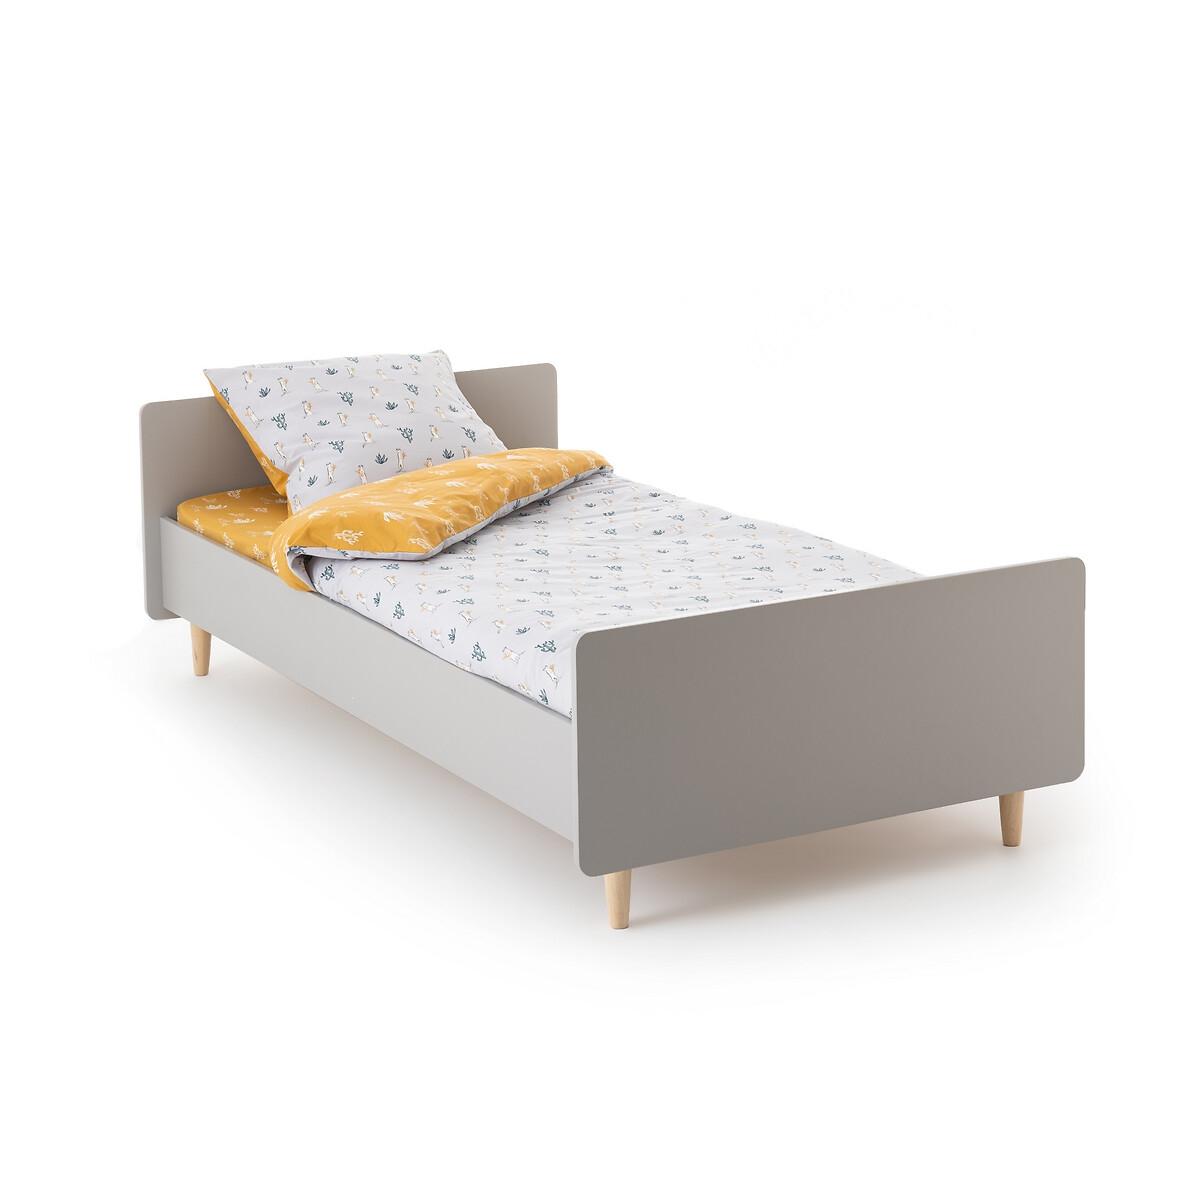 Кровать LaRedoute Детская с кроватным основанием Zag 90 x 190 см серый кровать laredoute с ящиком отделениями для вещей и кроватным основанием yann 90 x 190 см белый